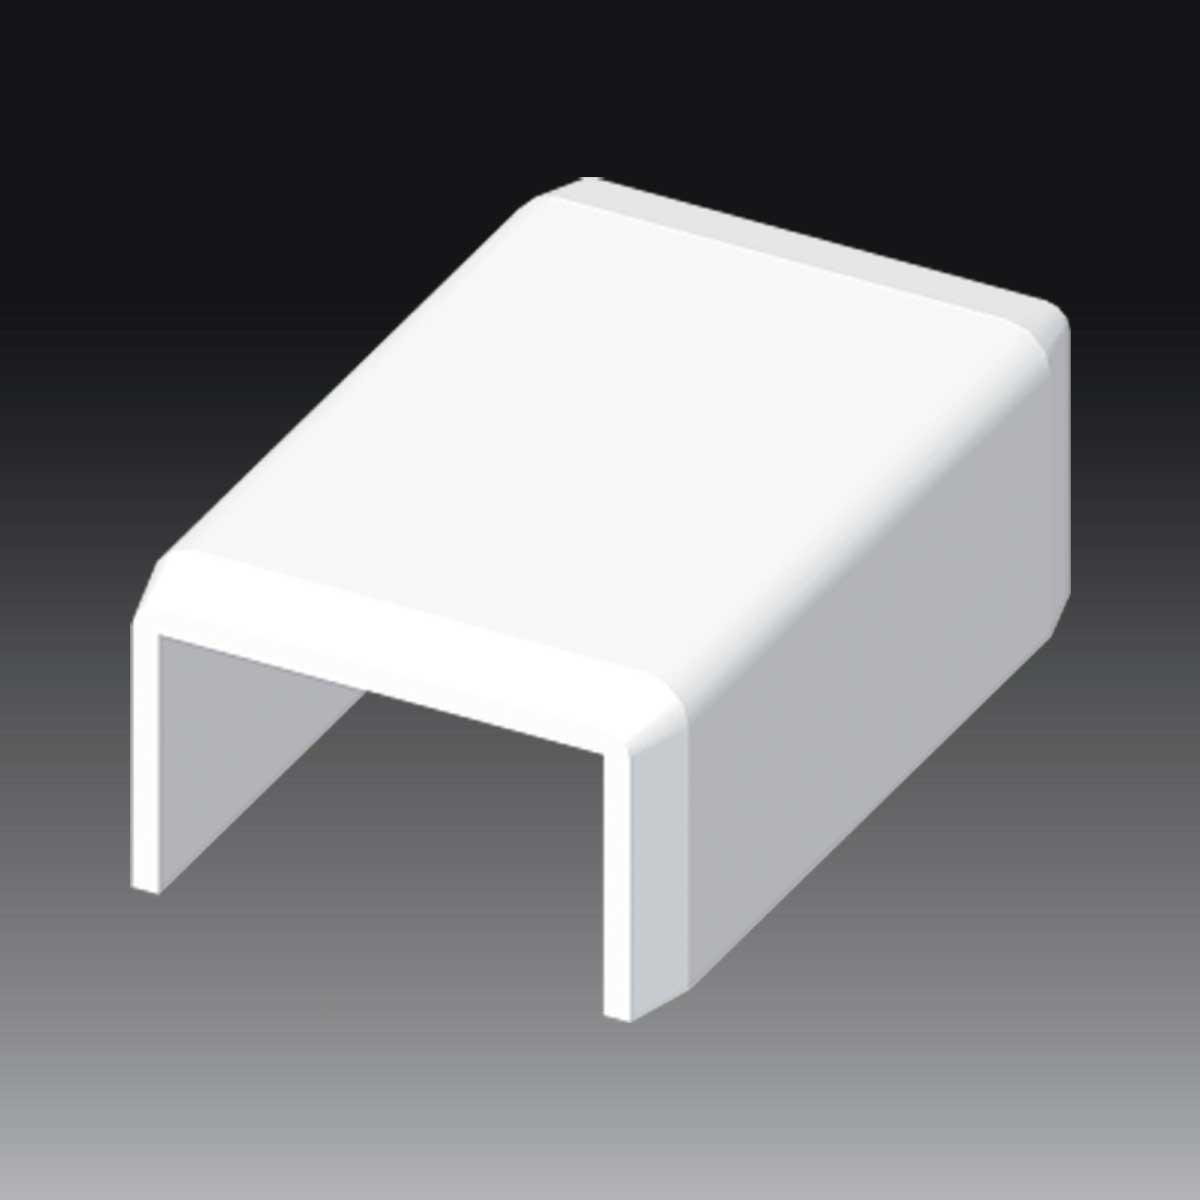 Накладка на стик до LHD 25х15  білого кольору; Серія LH; ПВХ